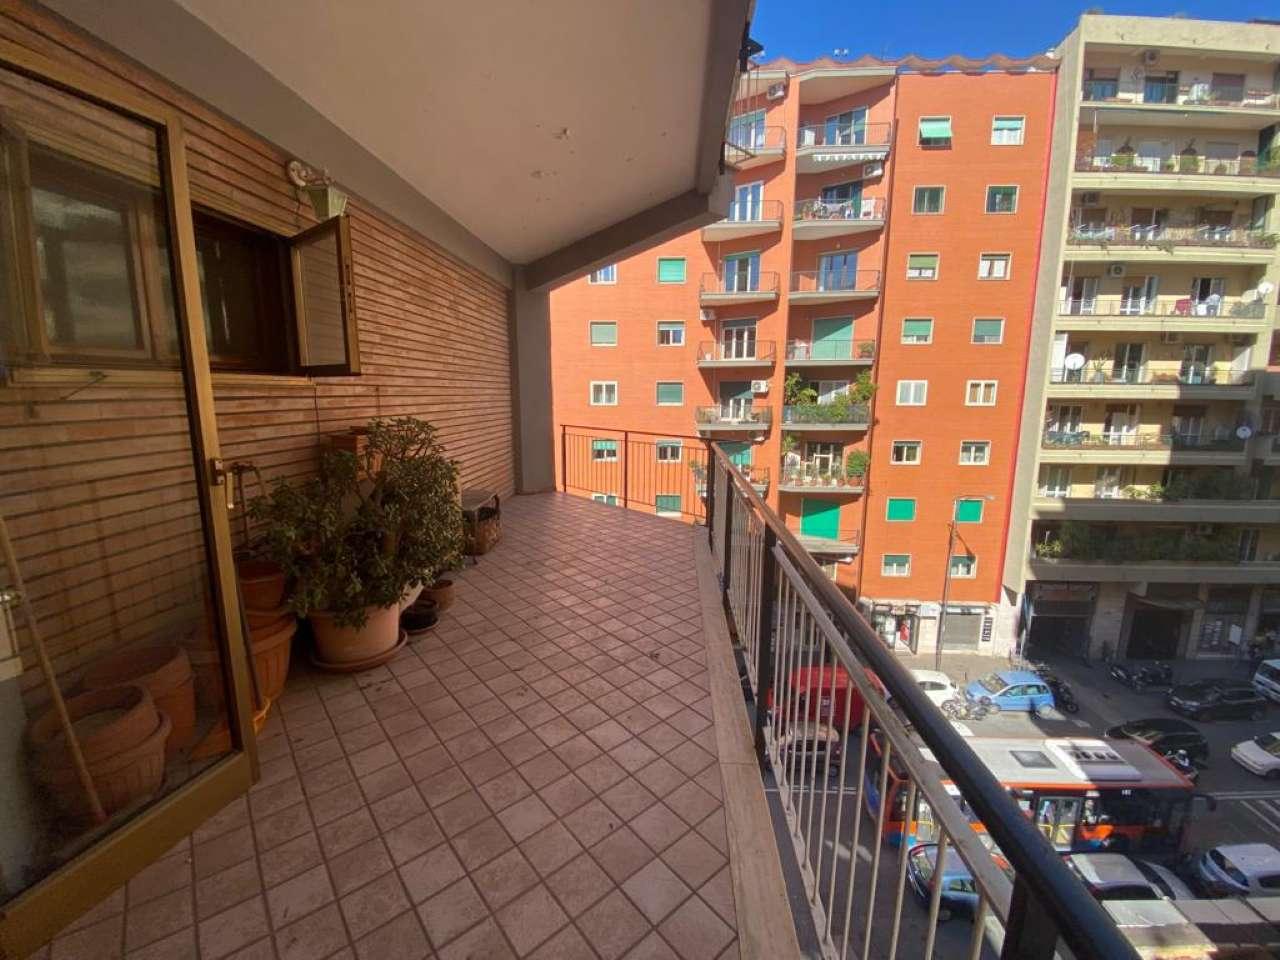 Appartamento, Via Francesco Cilea, Zona Vomero, Napoli, foto 15